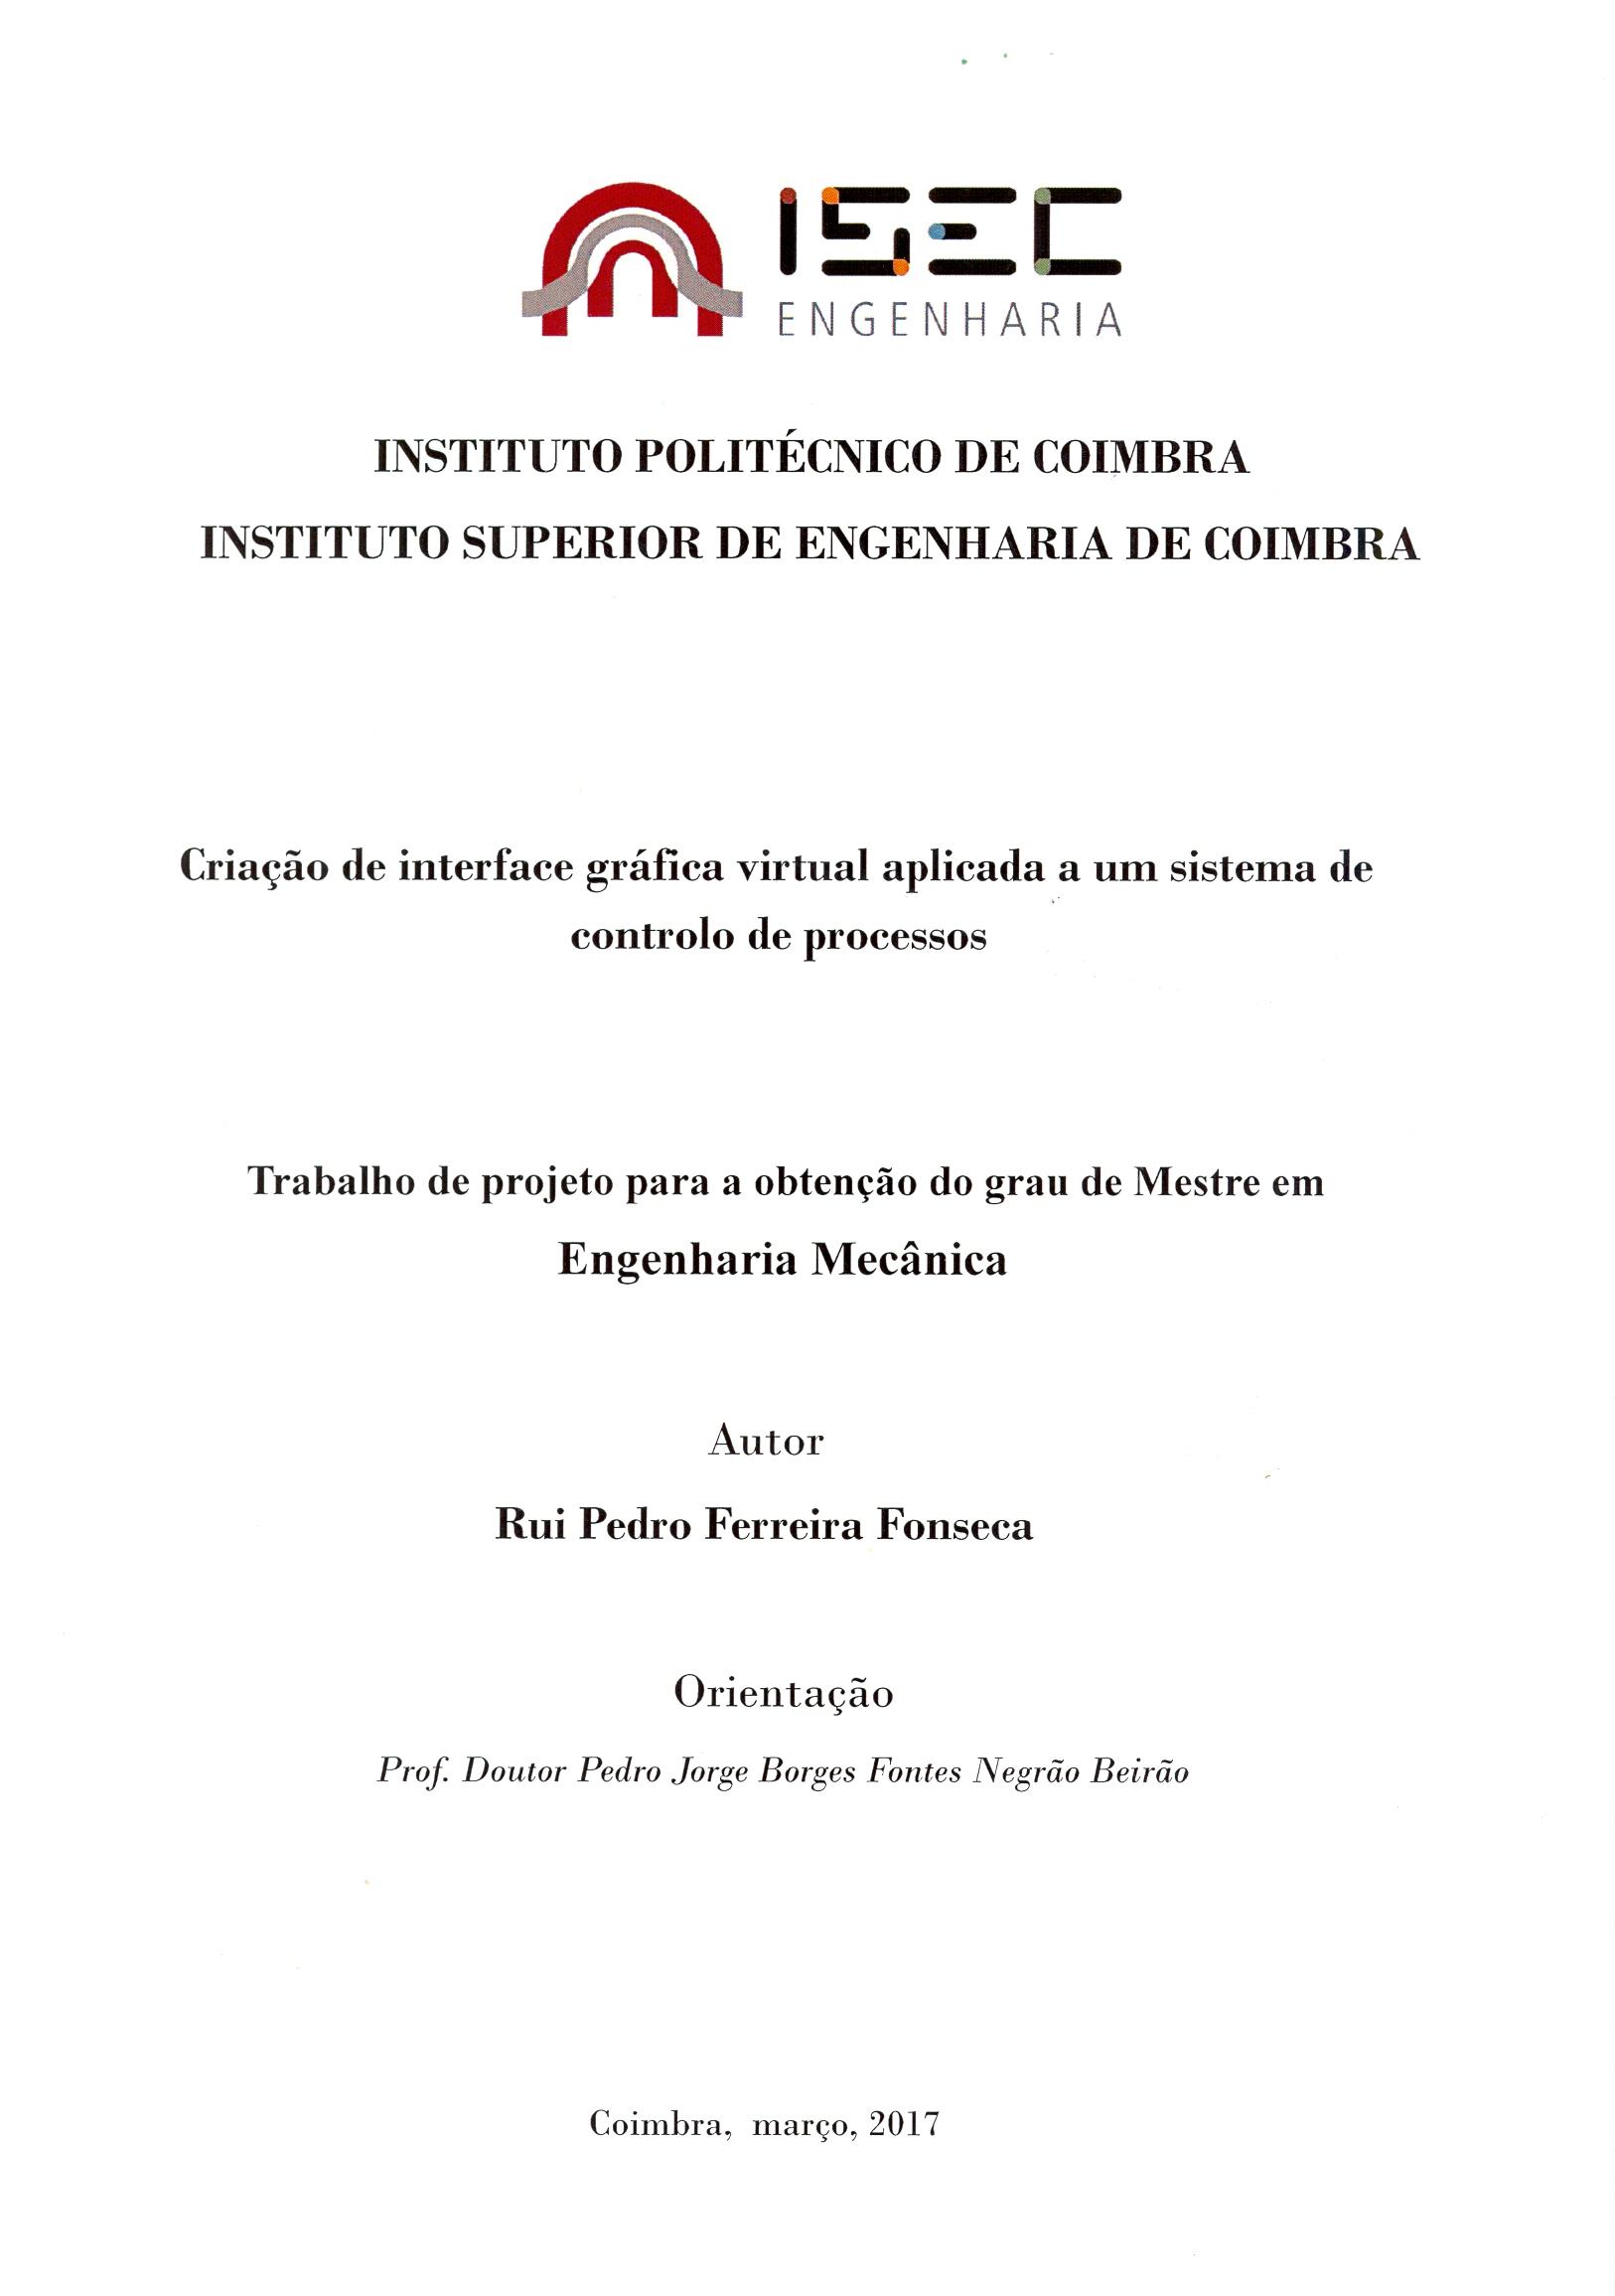 Evidente Cursos - Novo Mundo, Curitiba, PR